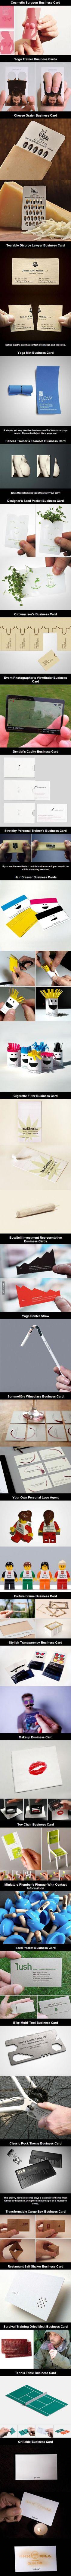 Geniale ideeën voor visitekaartjes!